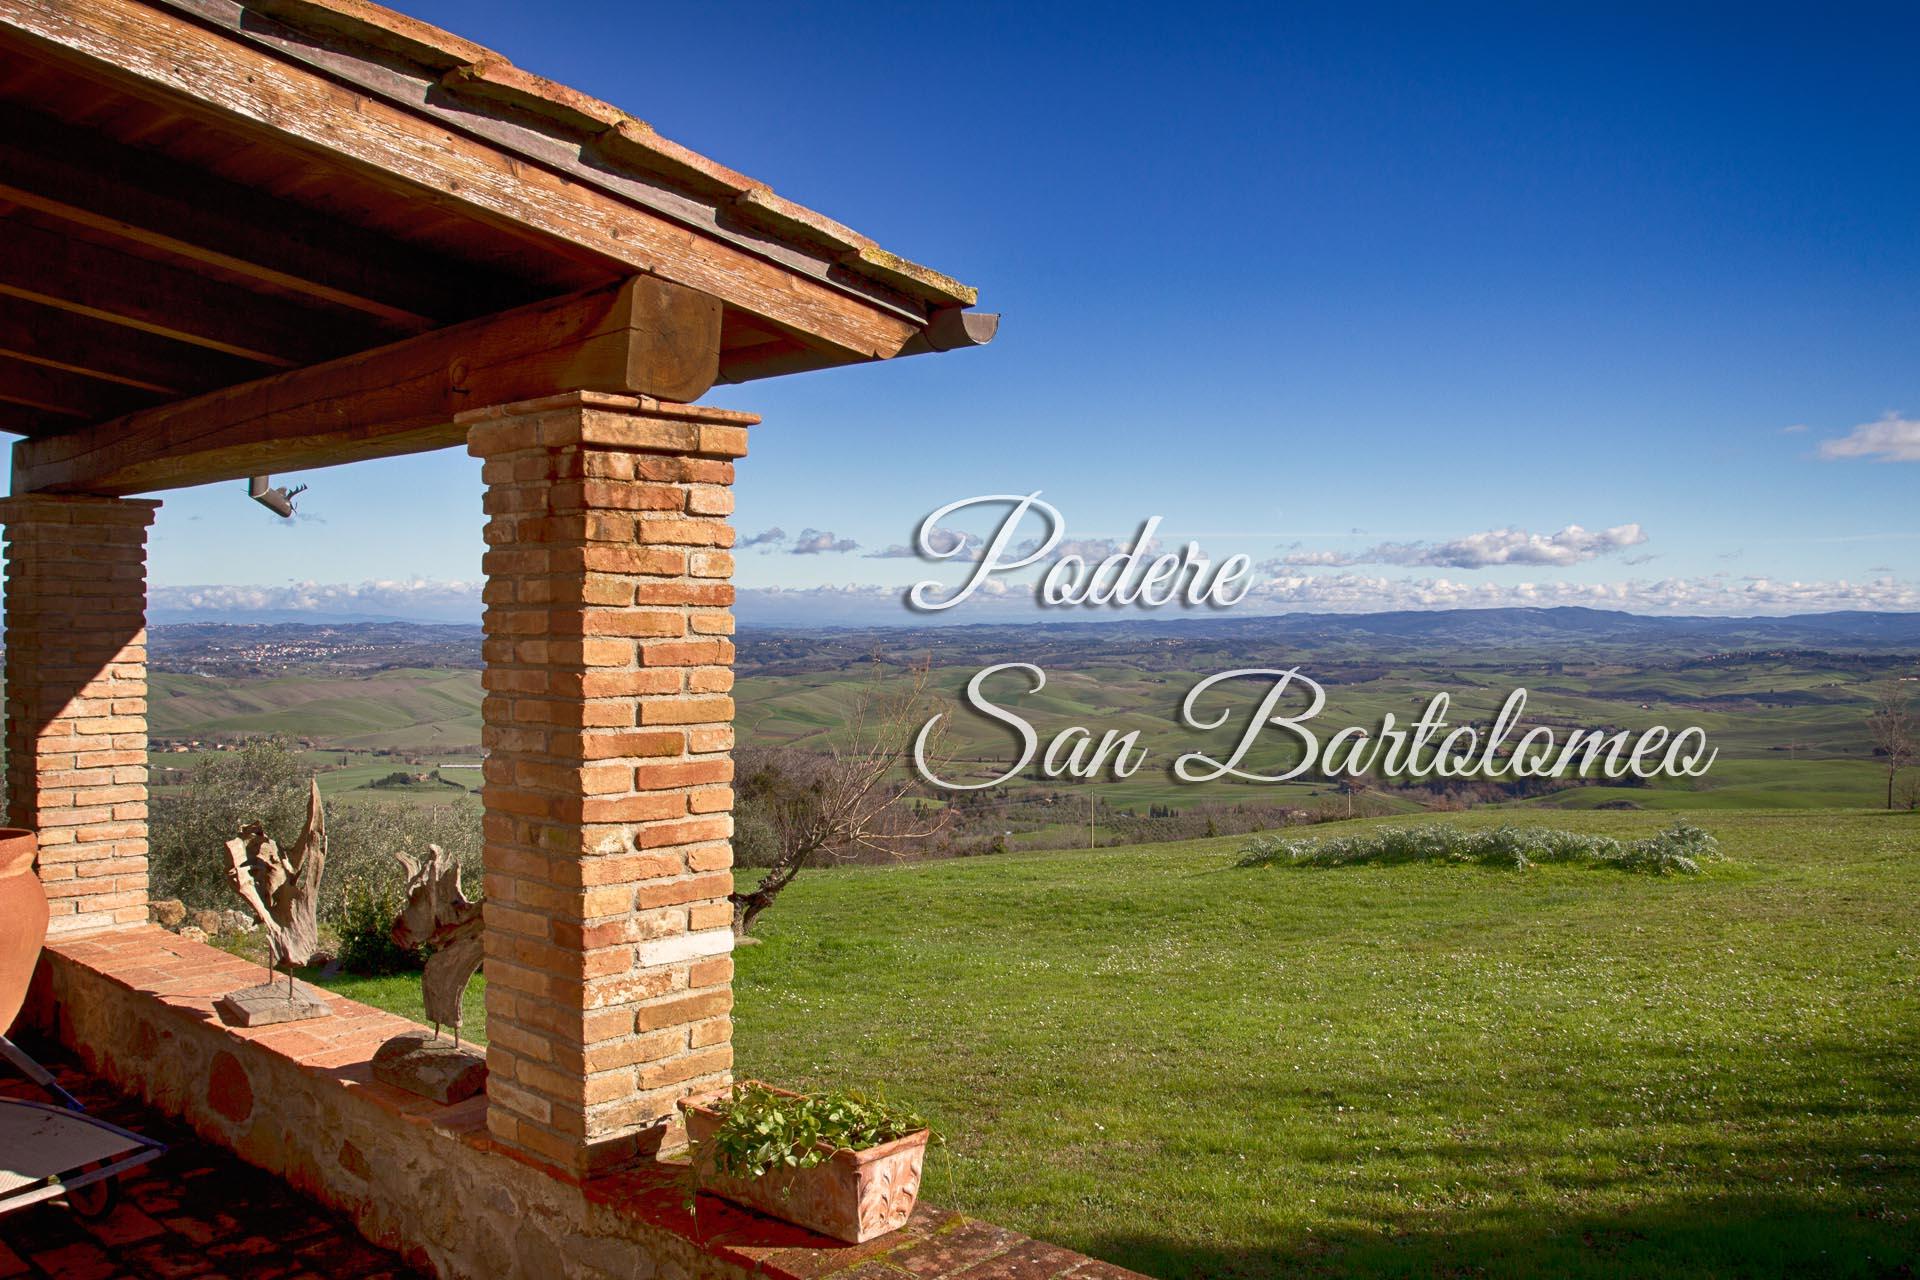 Podere San Bartolomeo Castagneto Carducci podere san bartolomeo, chianni pisa - chiodoantico and